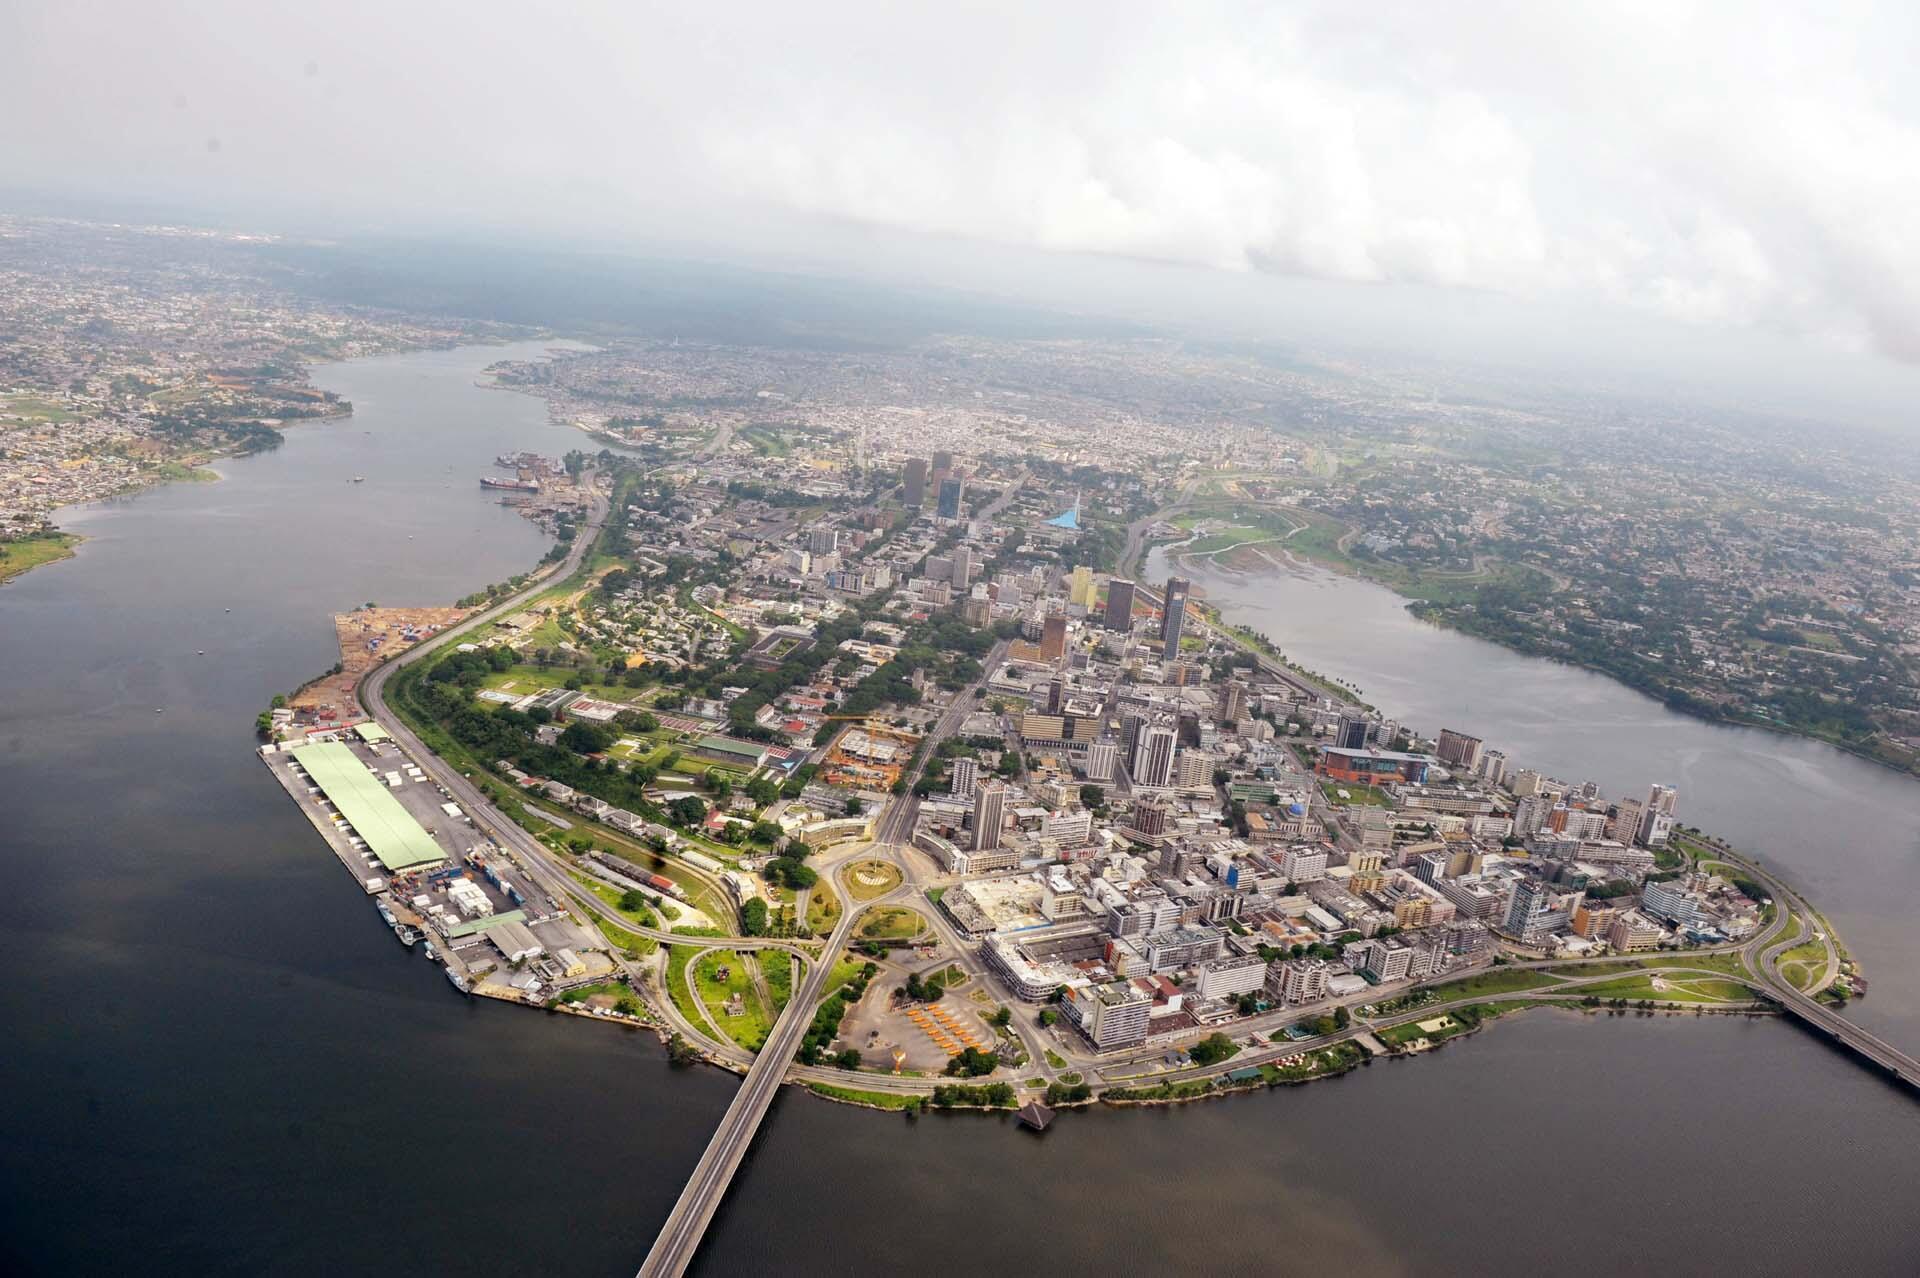 Vue aérienne du quartier du Plateau à Abidjan, en Côte d'Ivoire. (Image d'illustration)